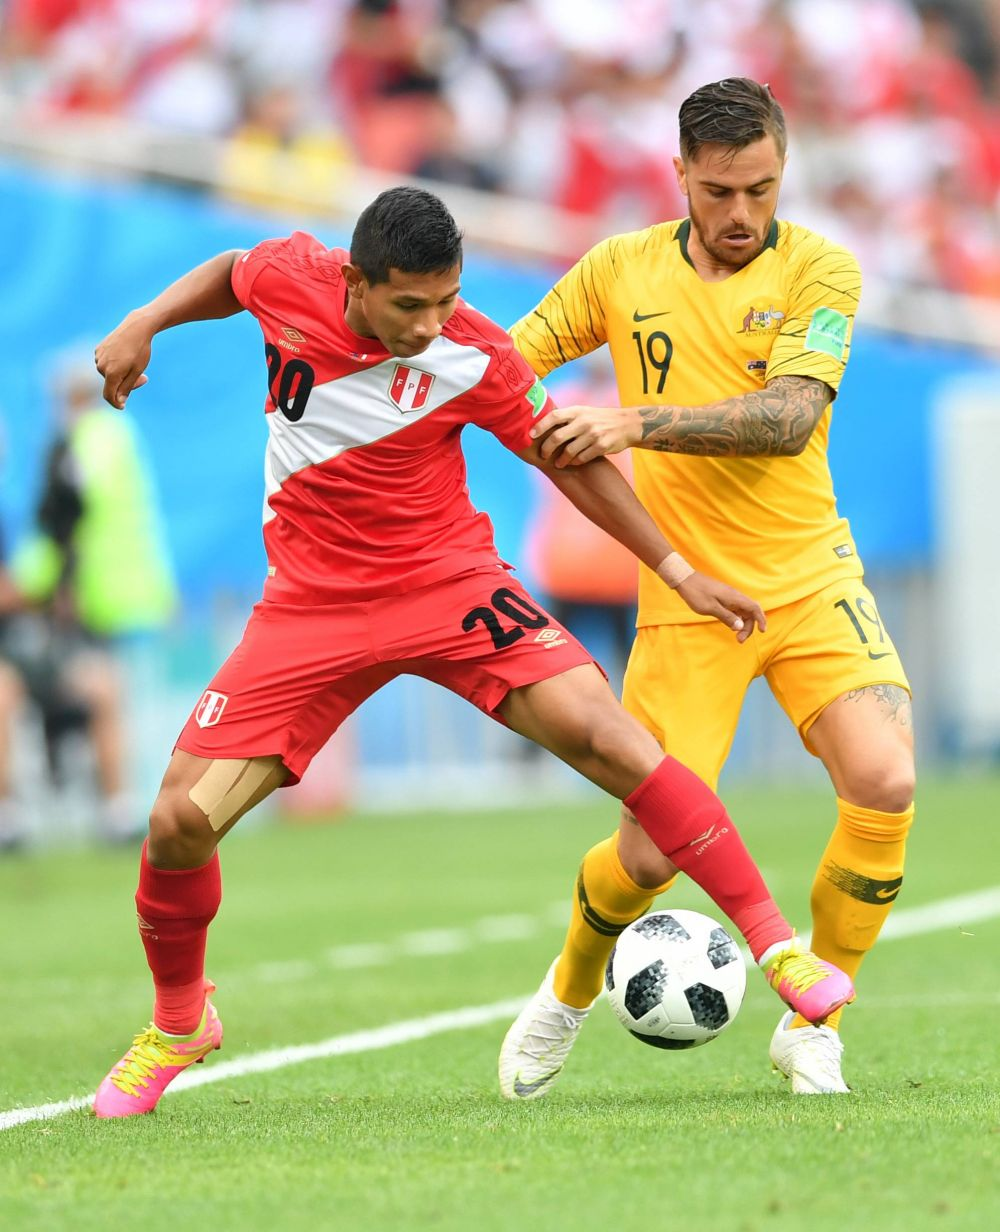 Футболисты борются за мяч.